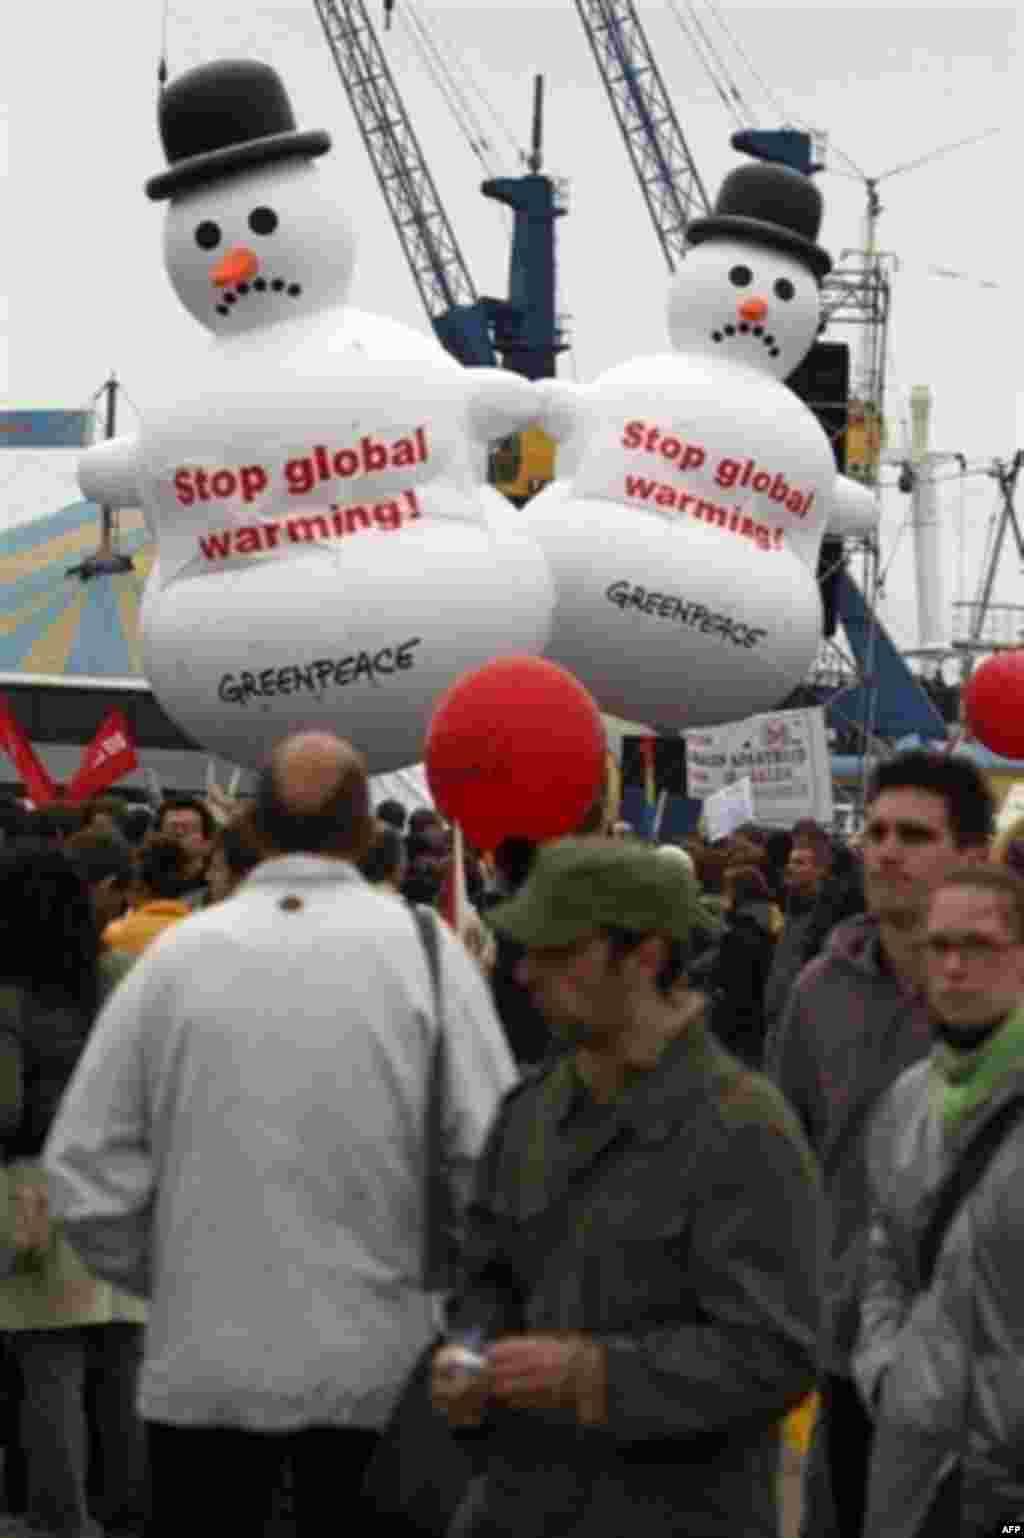 بالن آدم برفی ها که جنبش جهانی صلح سبز به تظاهرات آورده بود